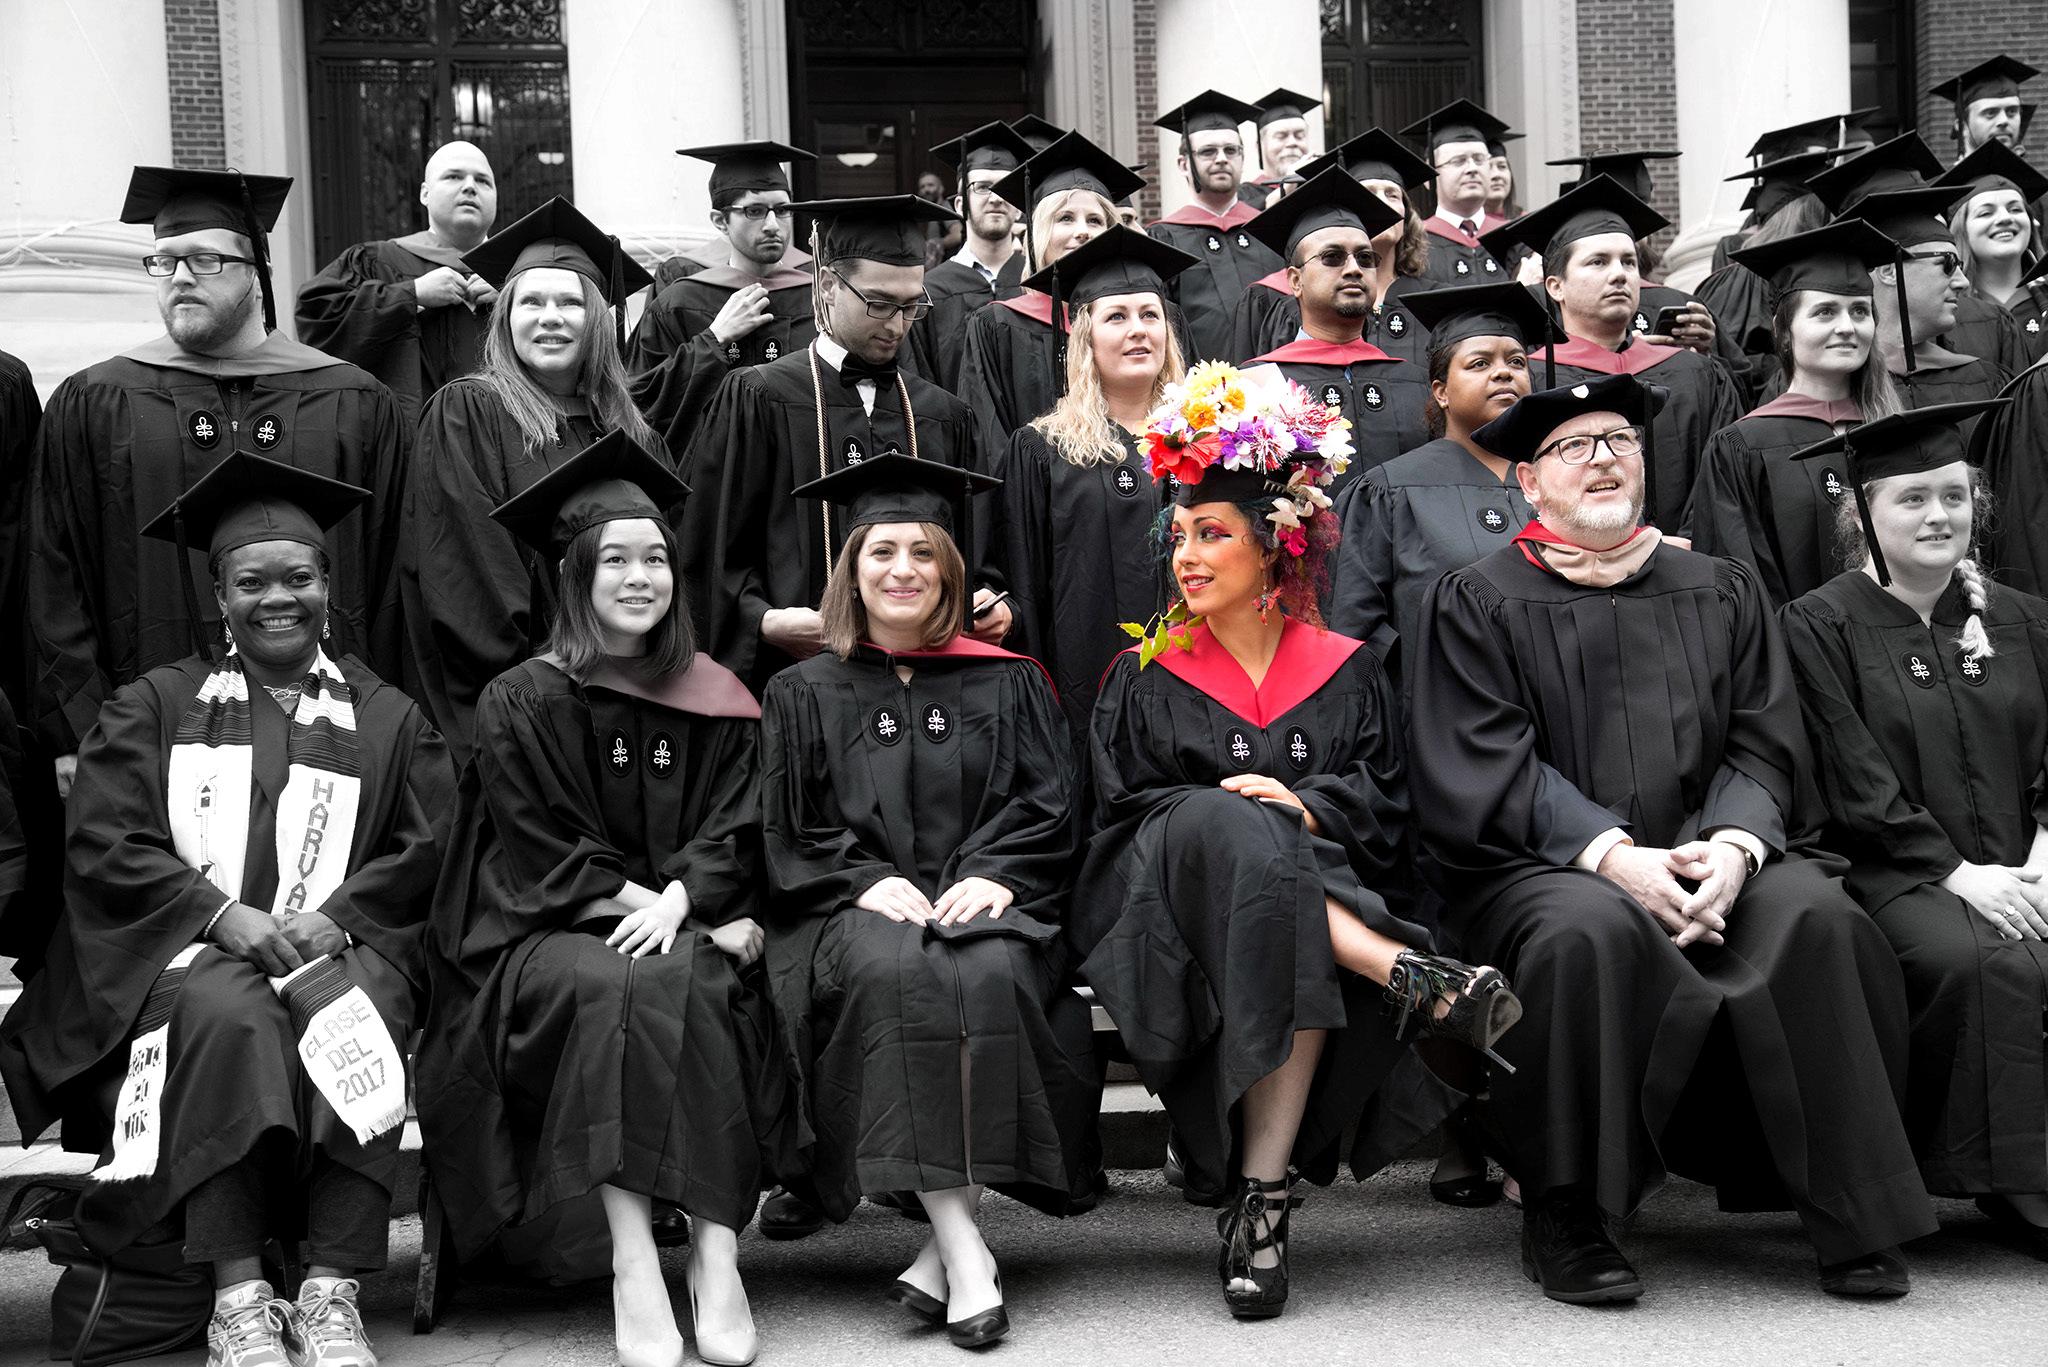 Graduating Harvard